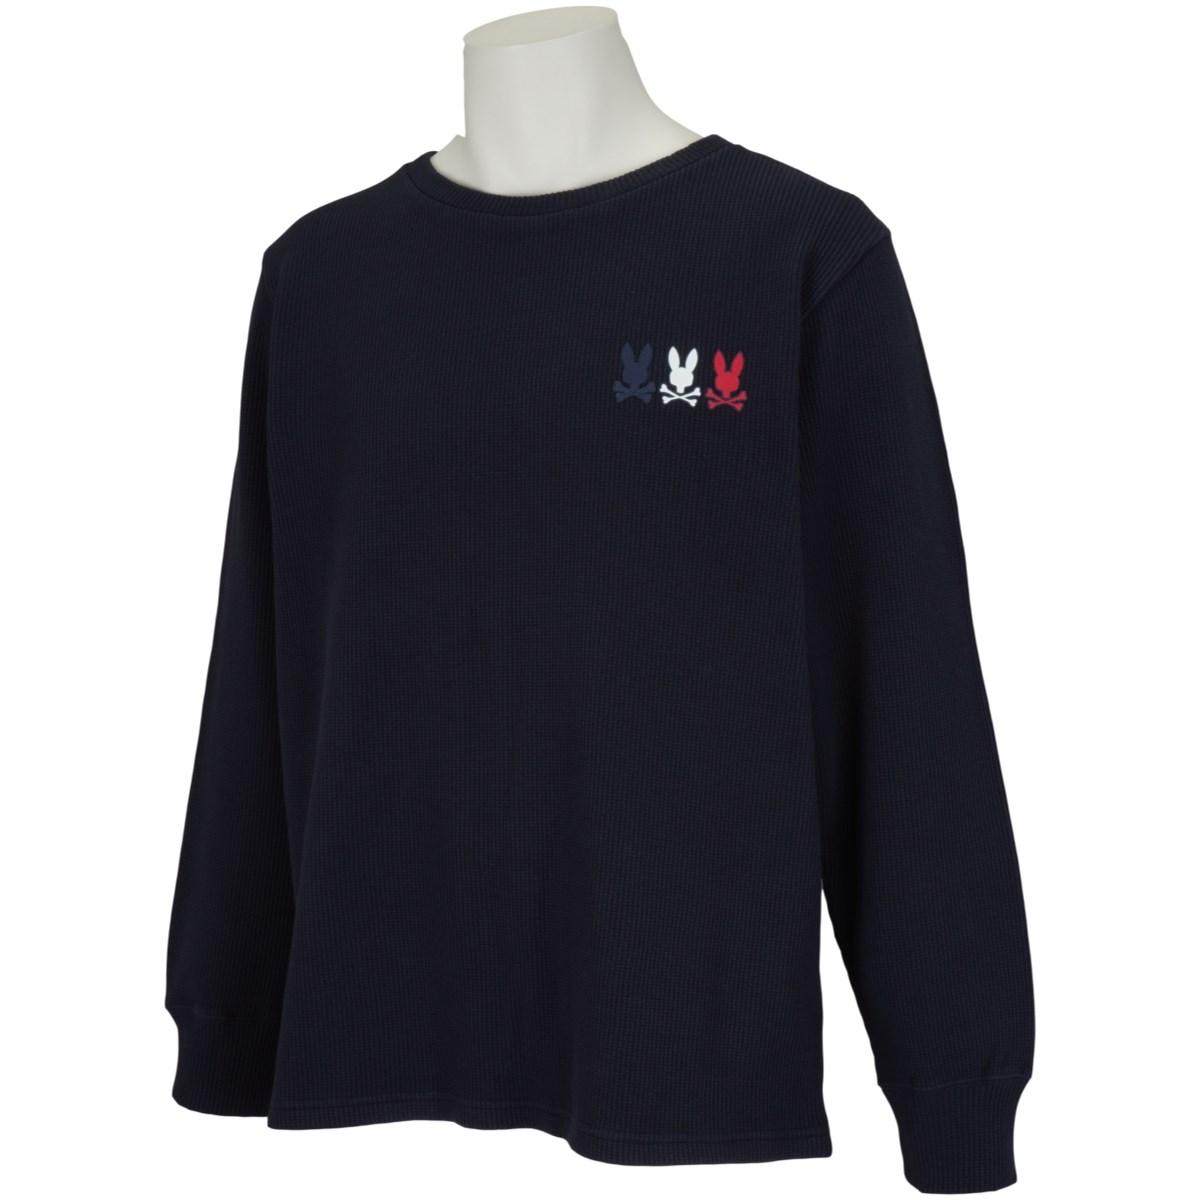 サイコバニー PSYCHO BUNNY トリプルトリコロゴ サーマル長袖Tシャツ L ネイビー